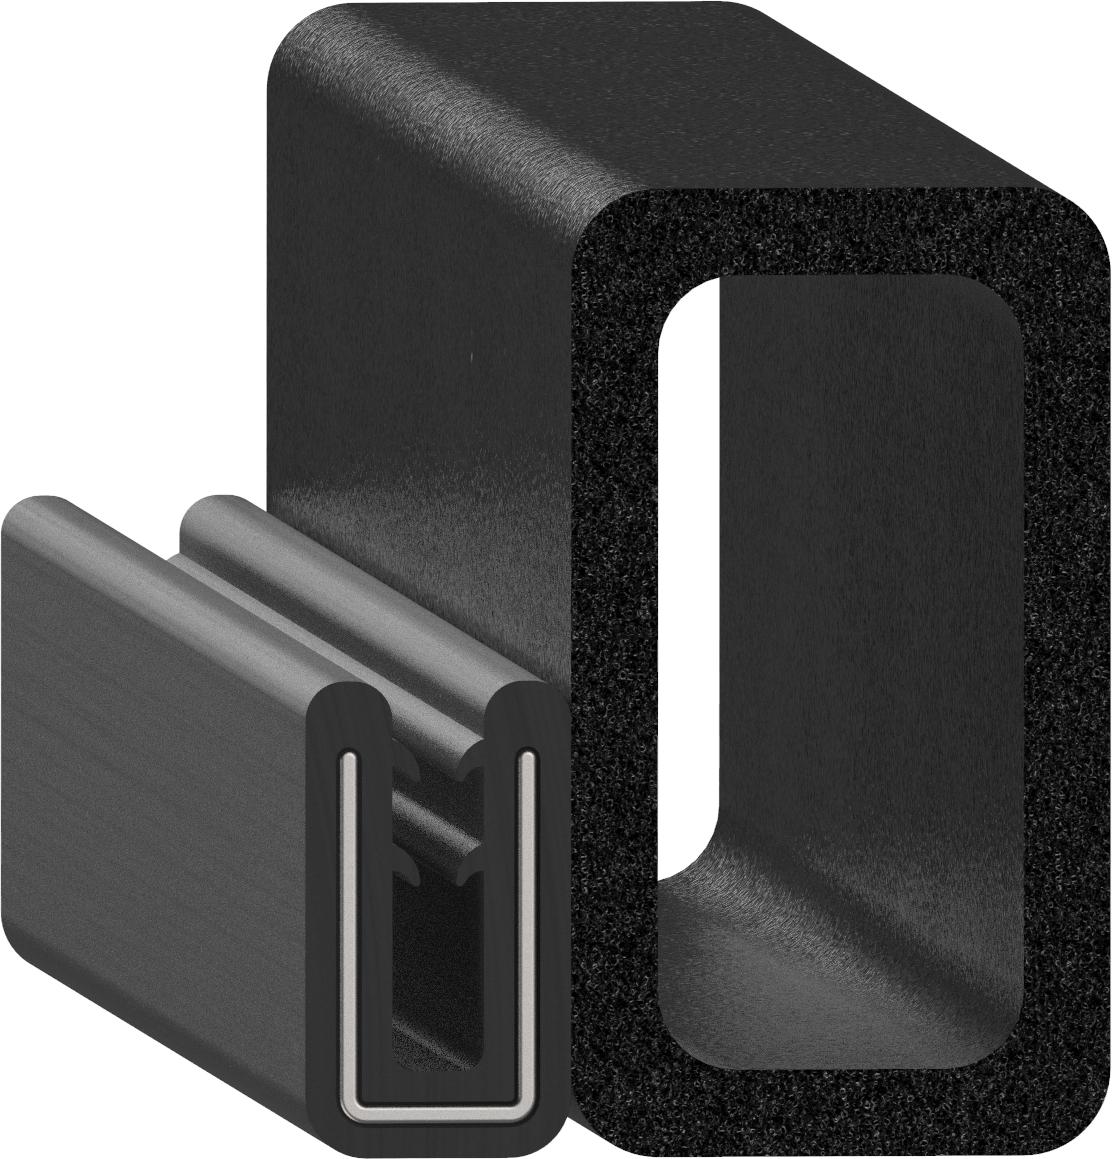 Uni-Grip part: DU-098